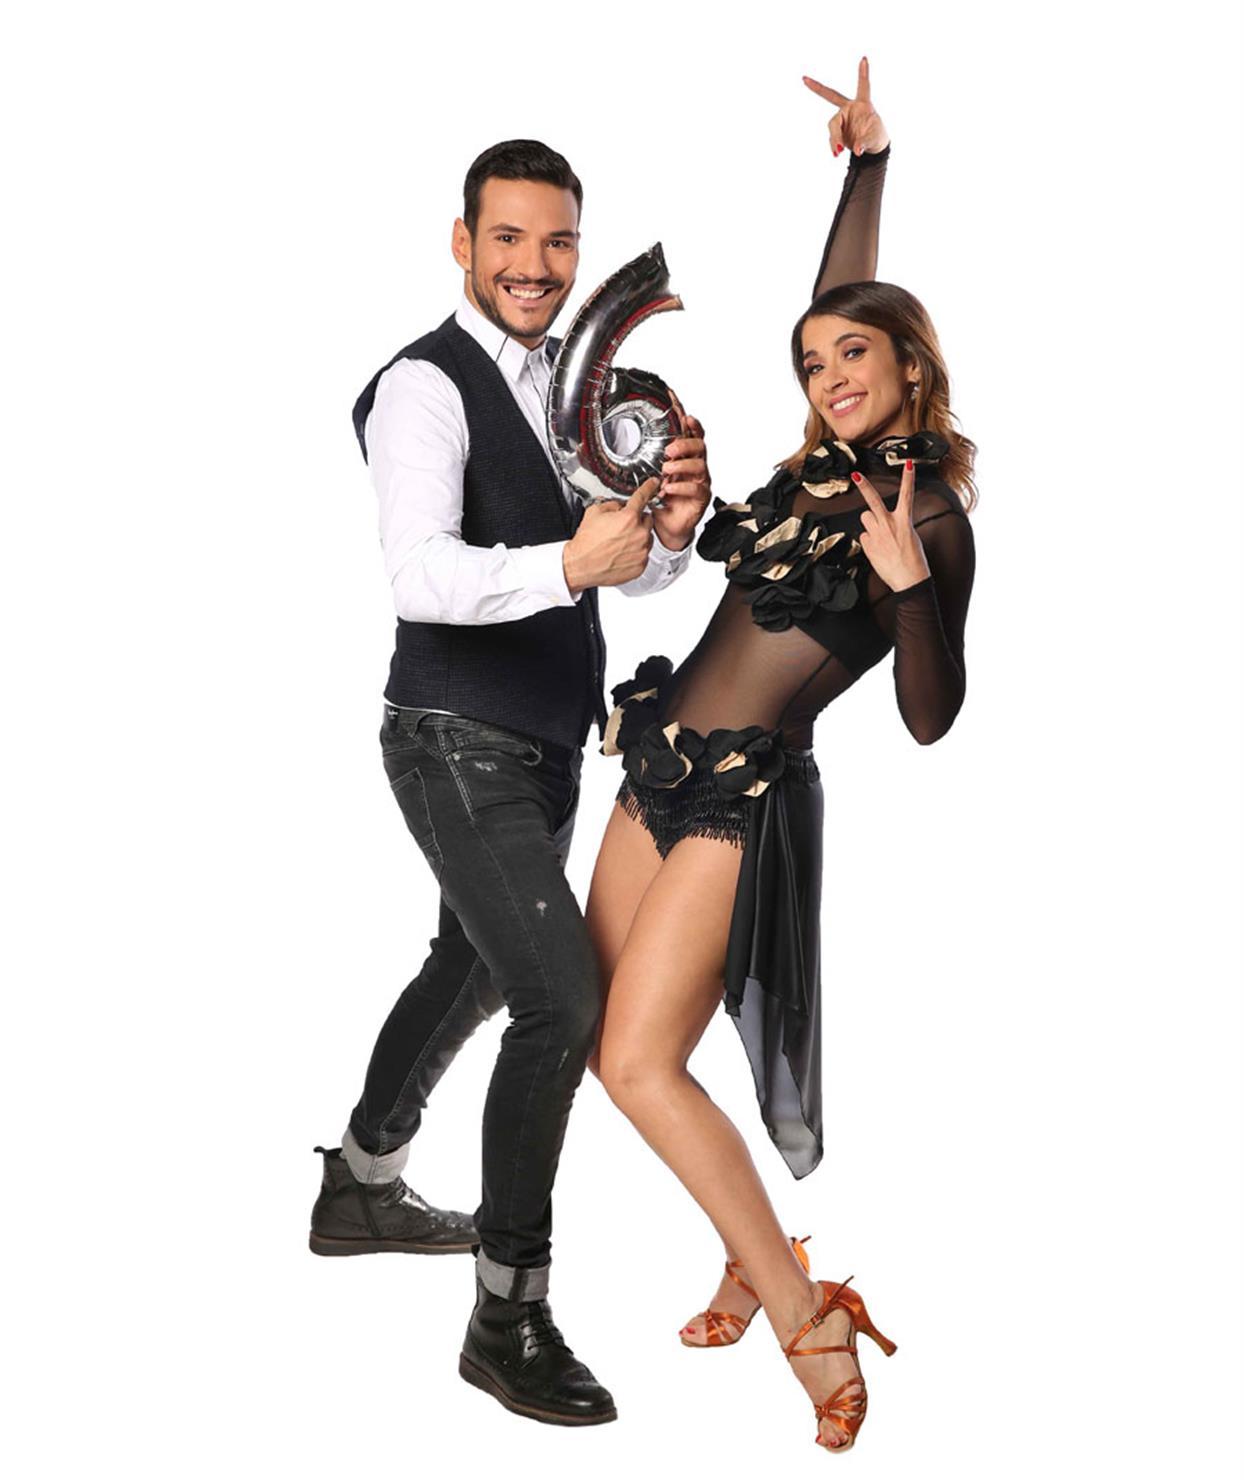 ΚΩΣΤΑΣ ΤΣΟΥΡΟΣ - ΜΑΡΙΑ ΤΣΙΤΟΥ - DANCING WITH THE STARS 6